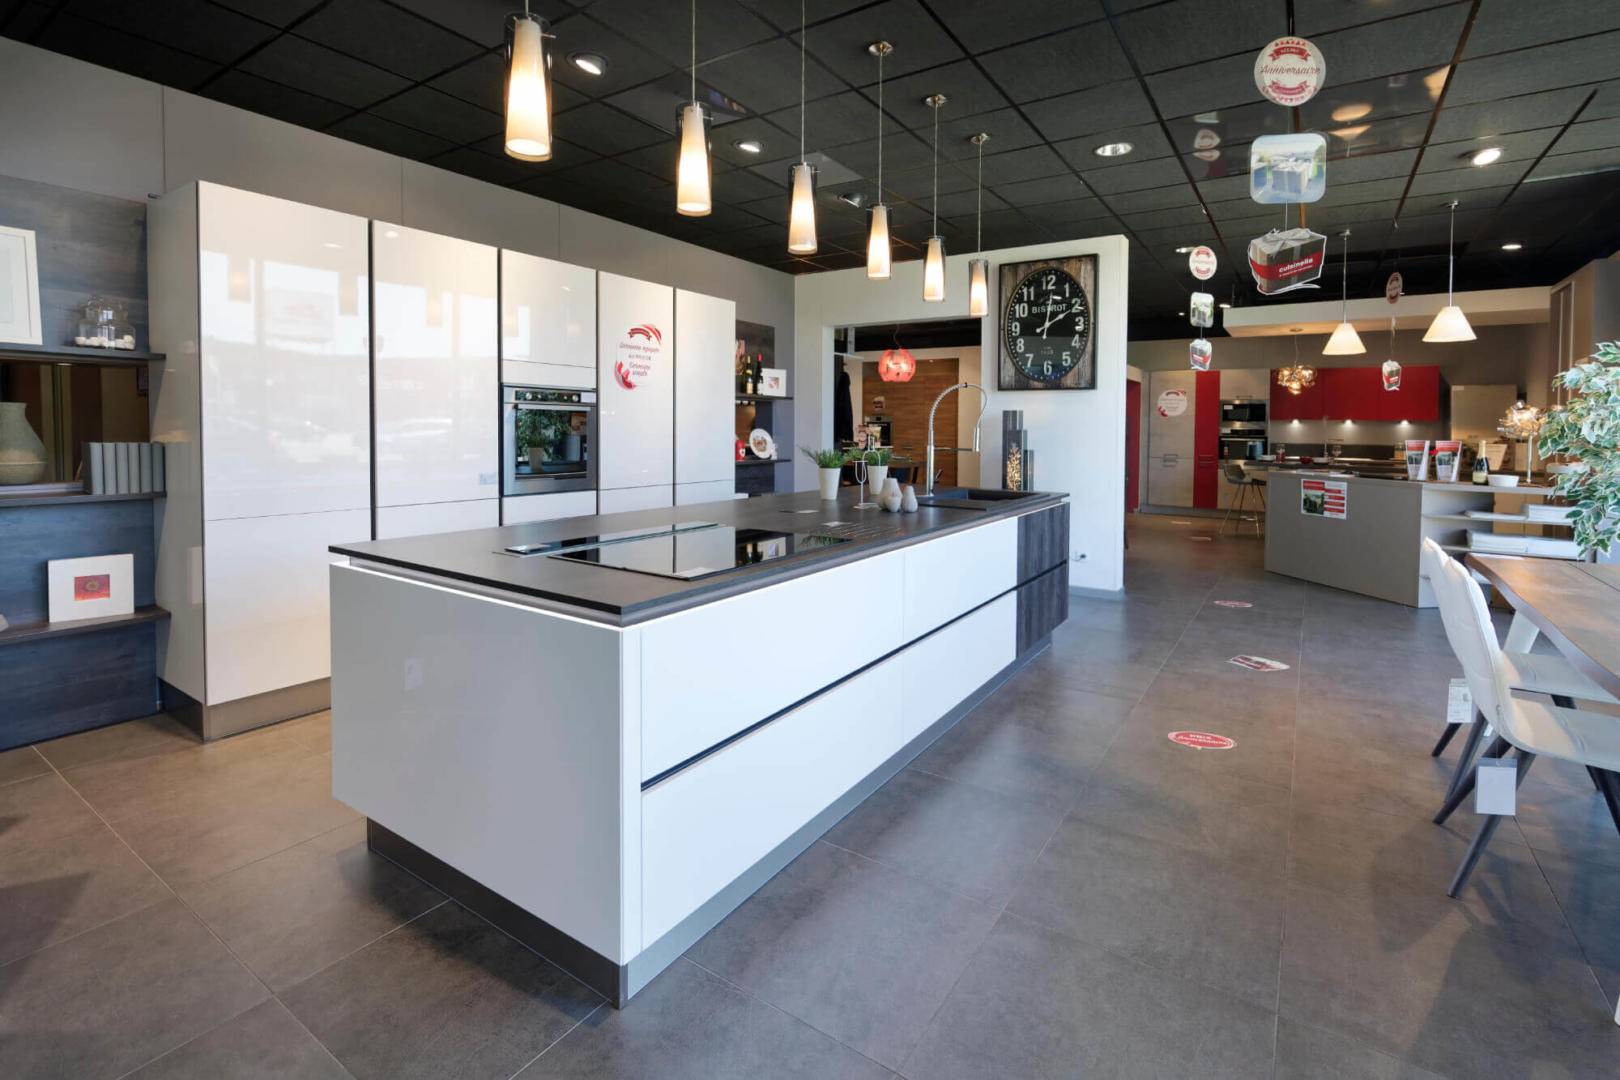 Plan De Travail Cuisinella cuisinella mulhouse, cuisiniste mulhouse, bain & rangement